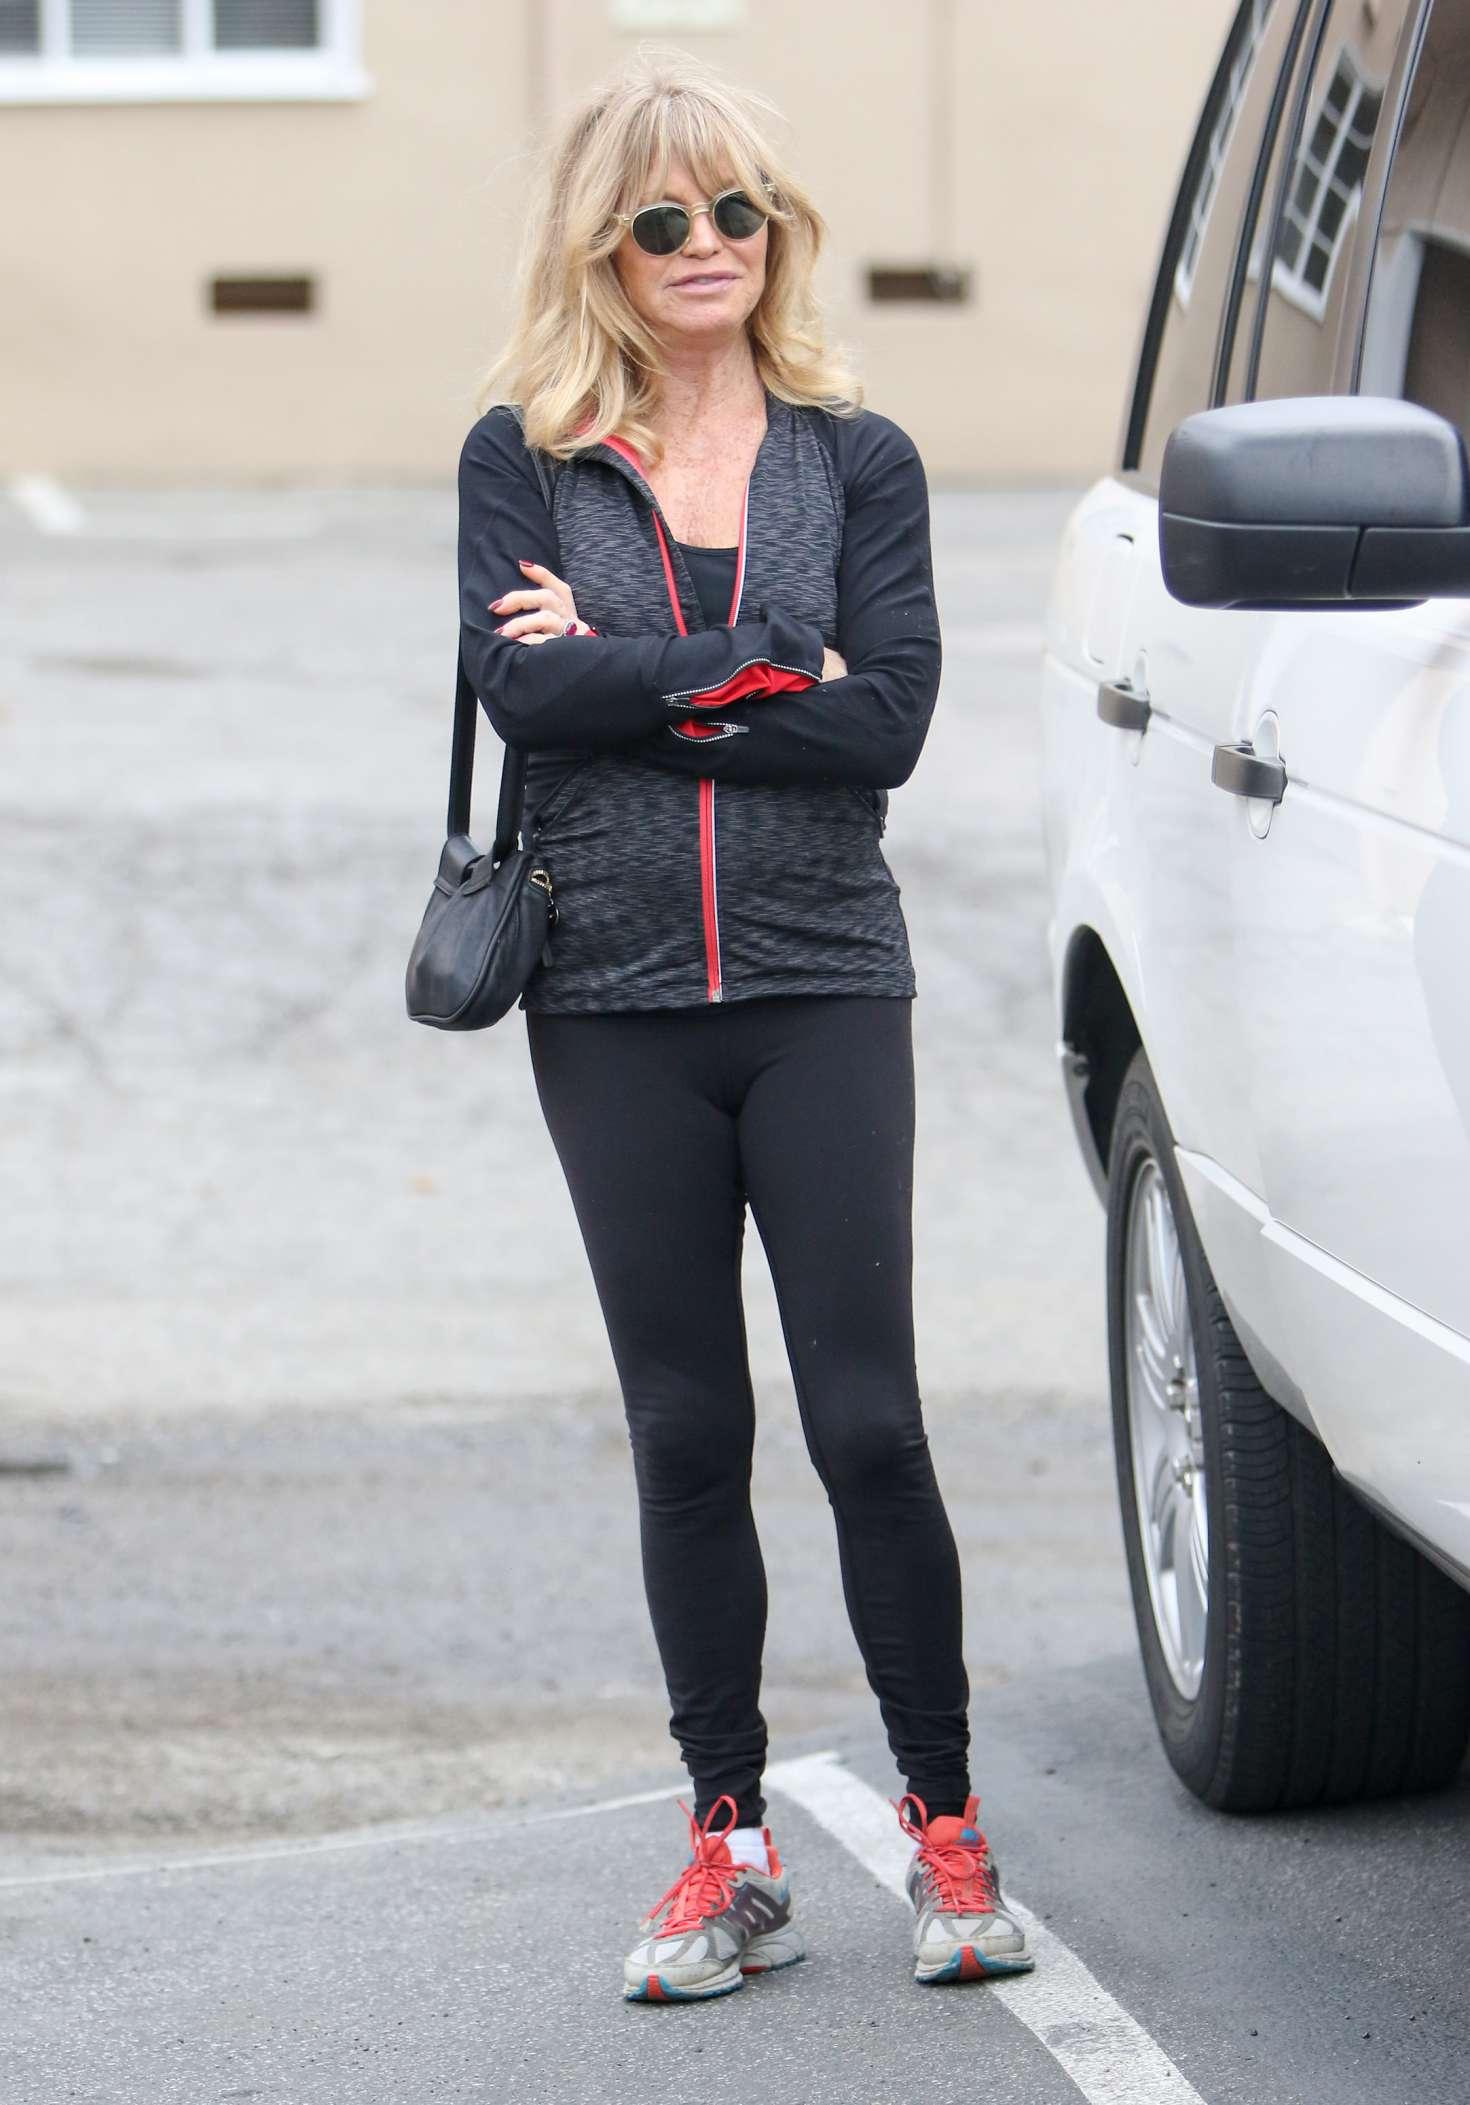 Goldie Hawn 2017 : Goldie Hawn in Black Tights -10